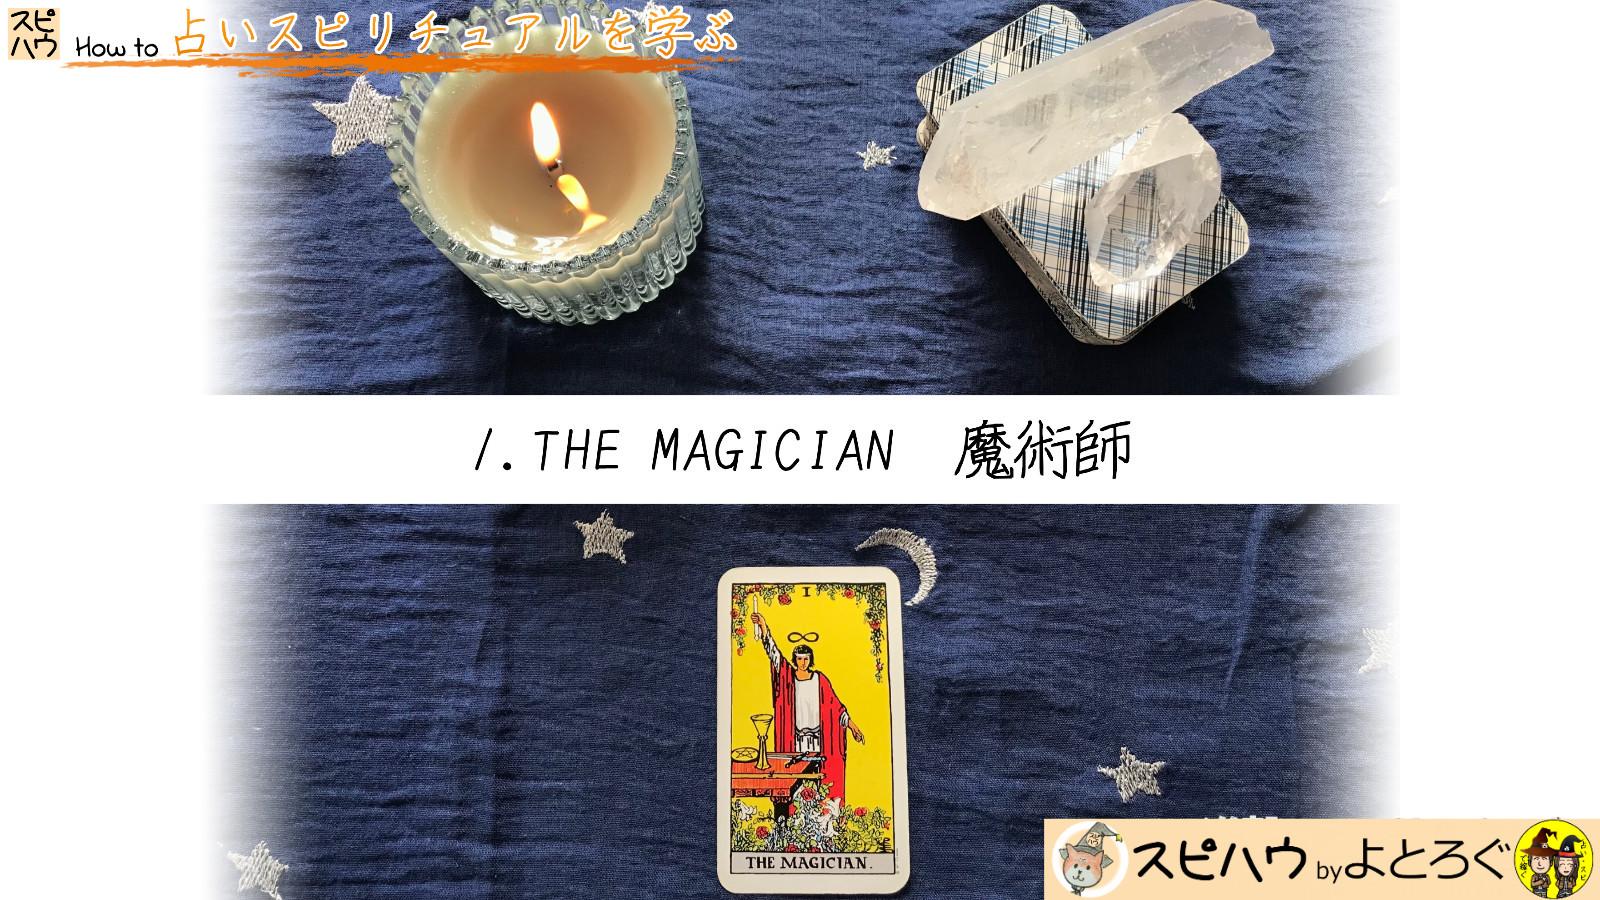 強い意志の力で未来を変える 1.THE MAGICIAN 魔術師のカード画像